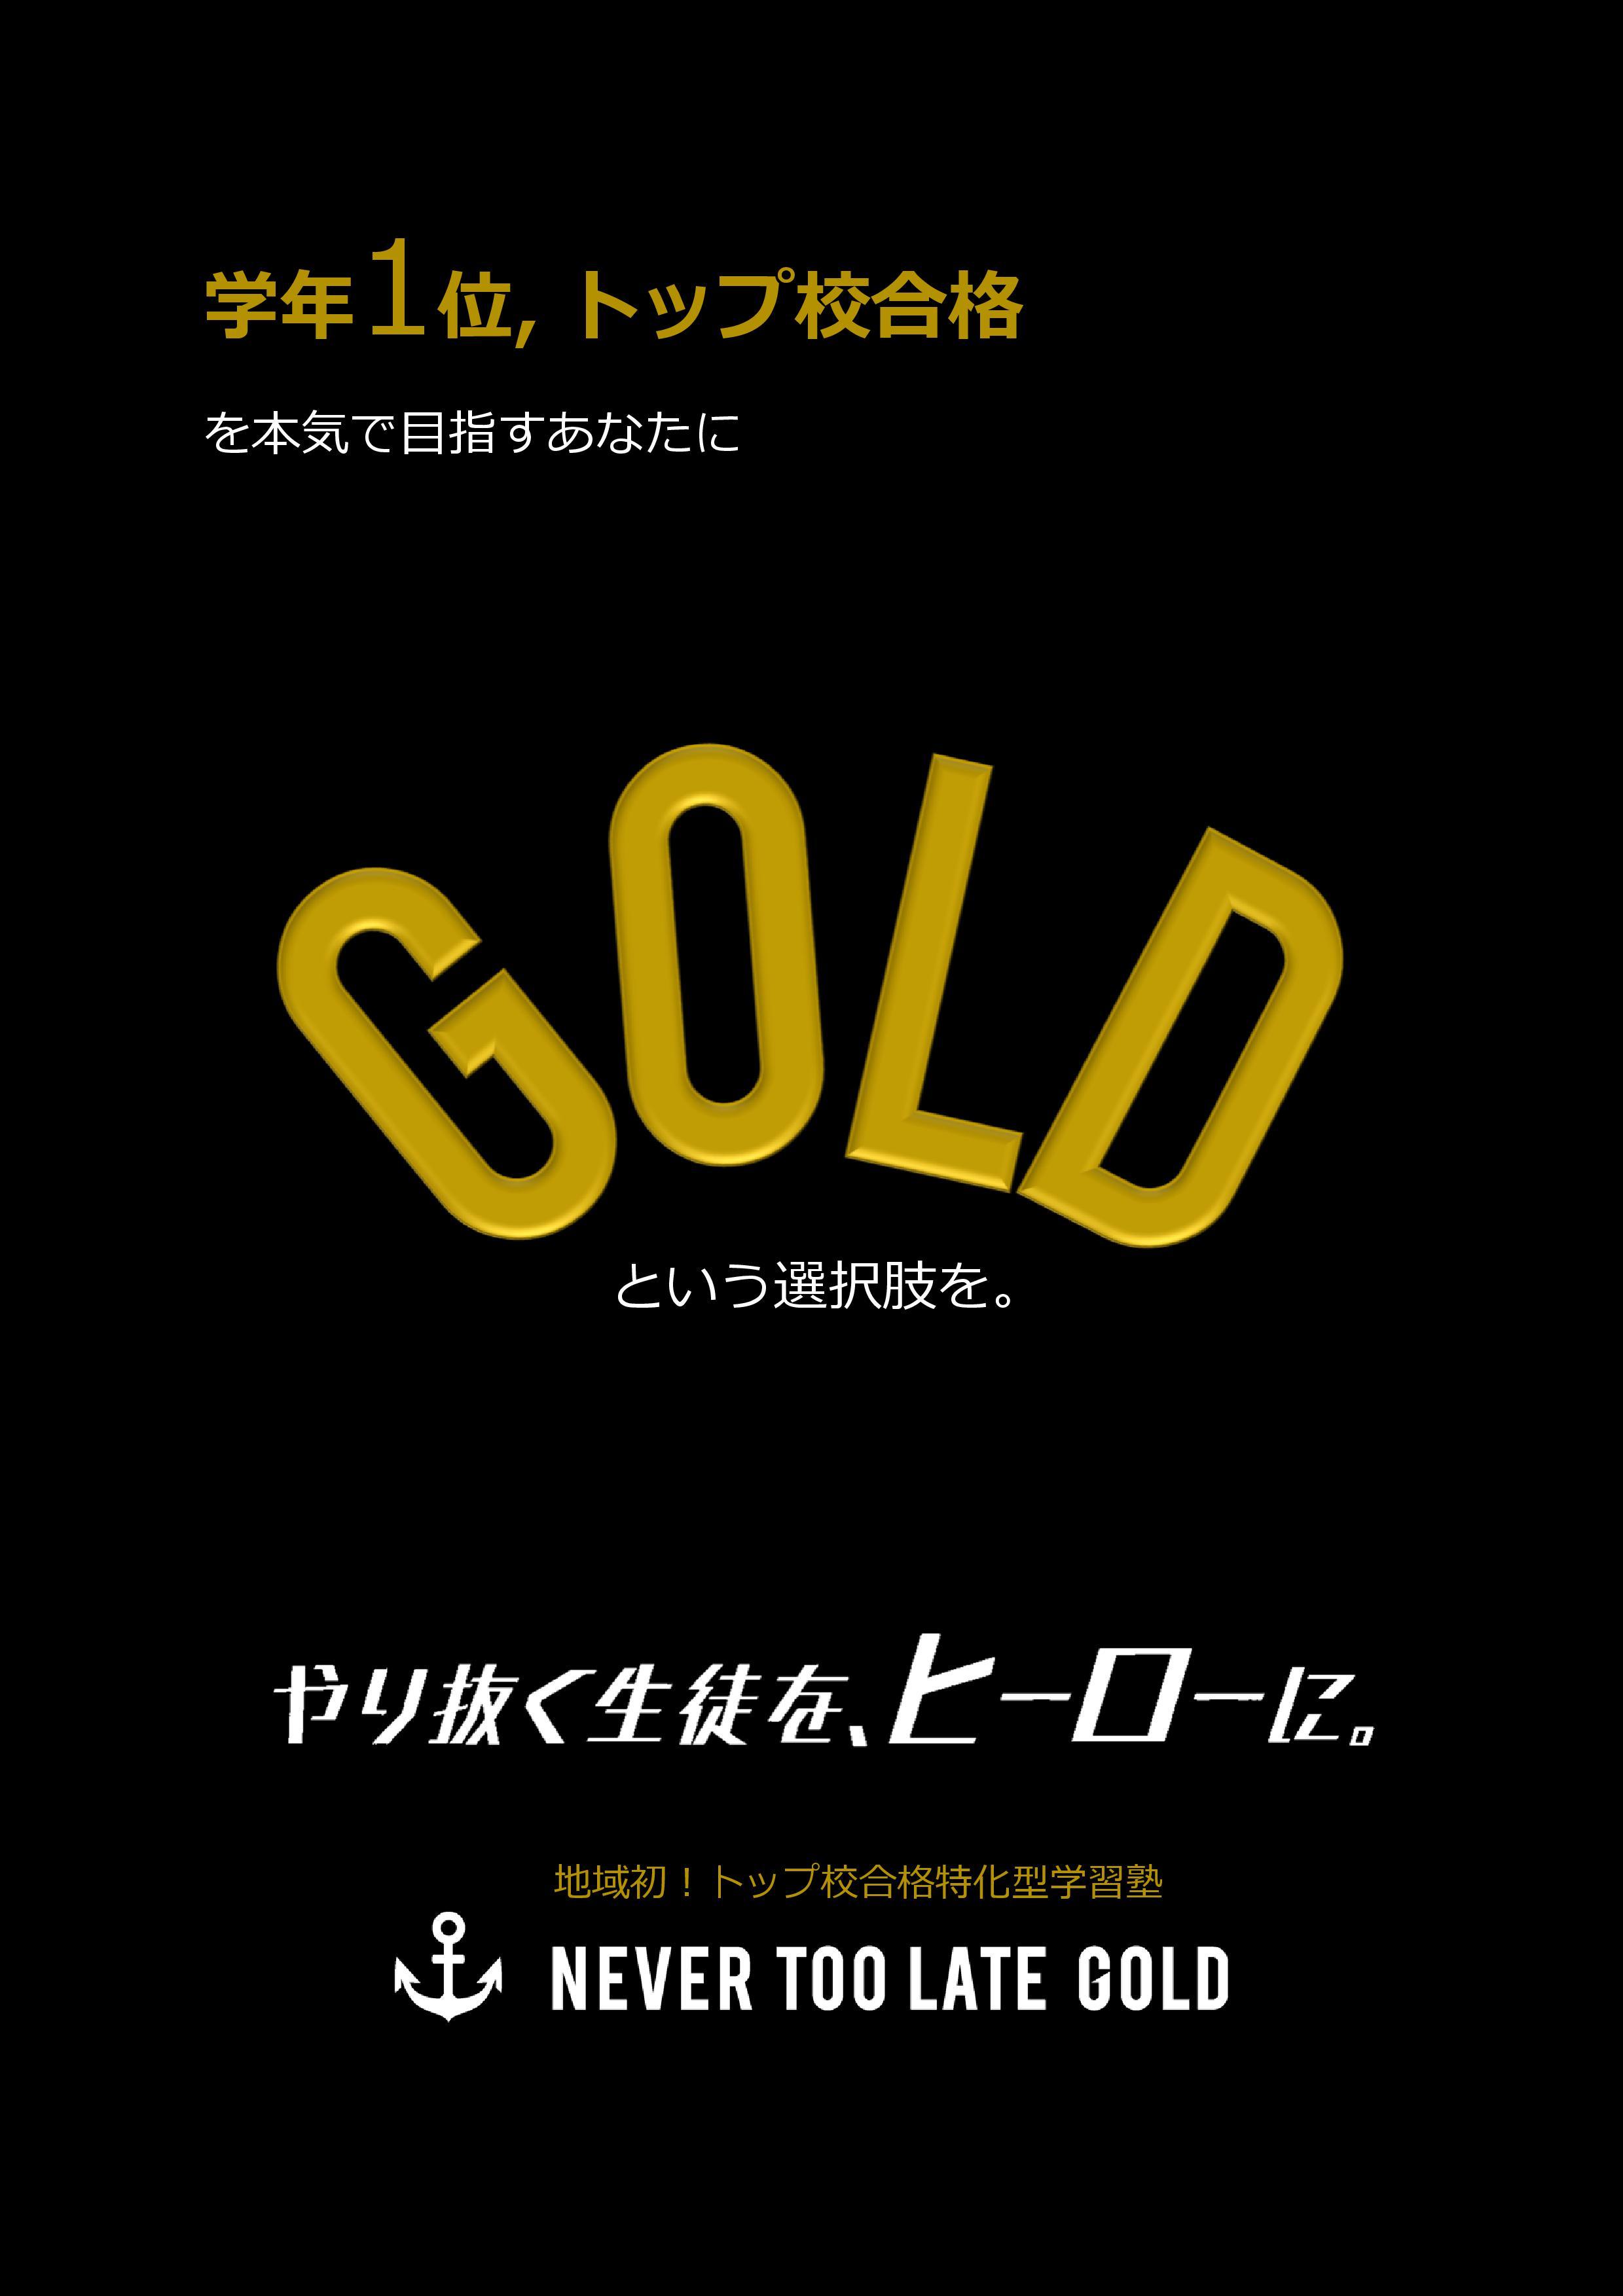 202001 GOLD新